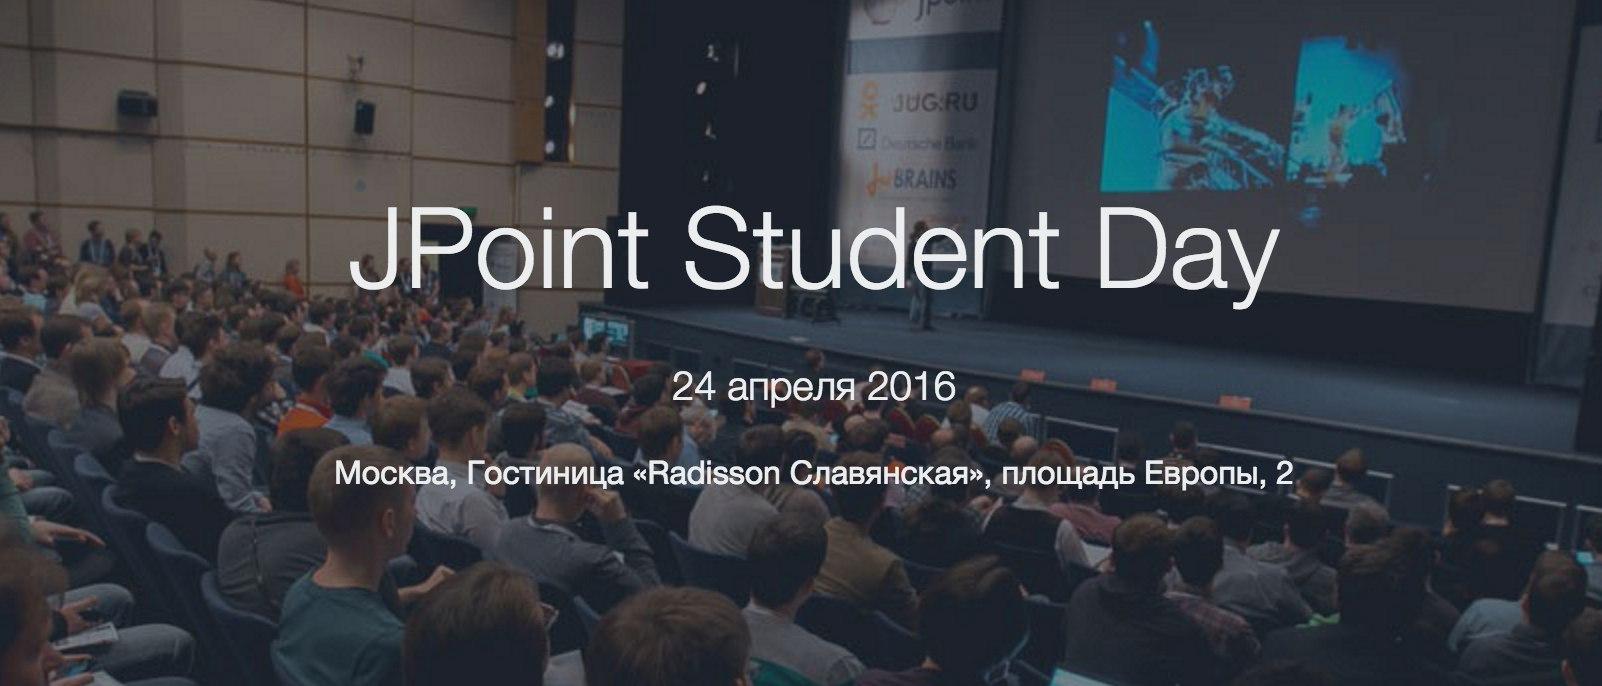 F.A.Q. по Java-конференции для студентов в Москве - 4